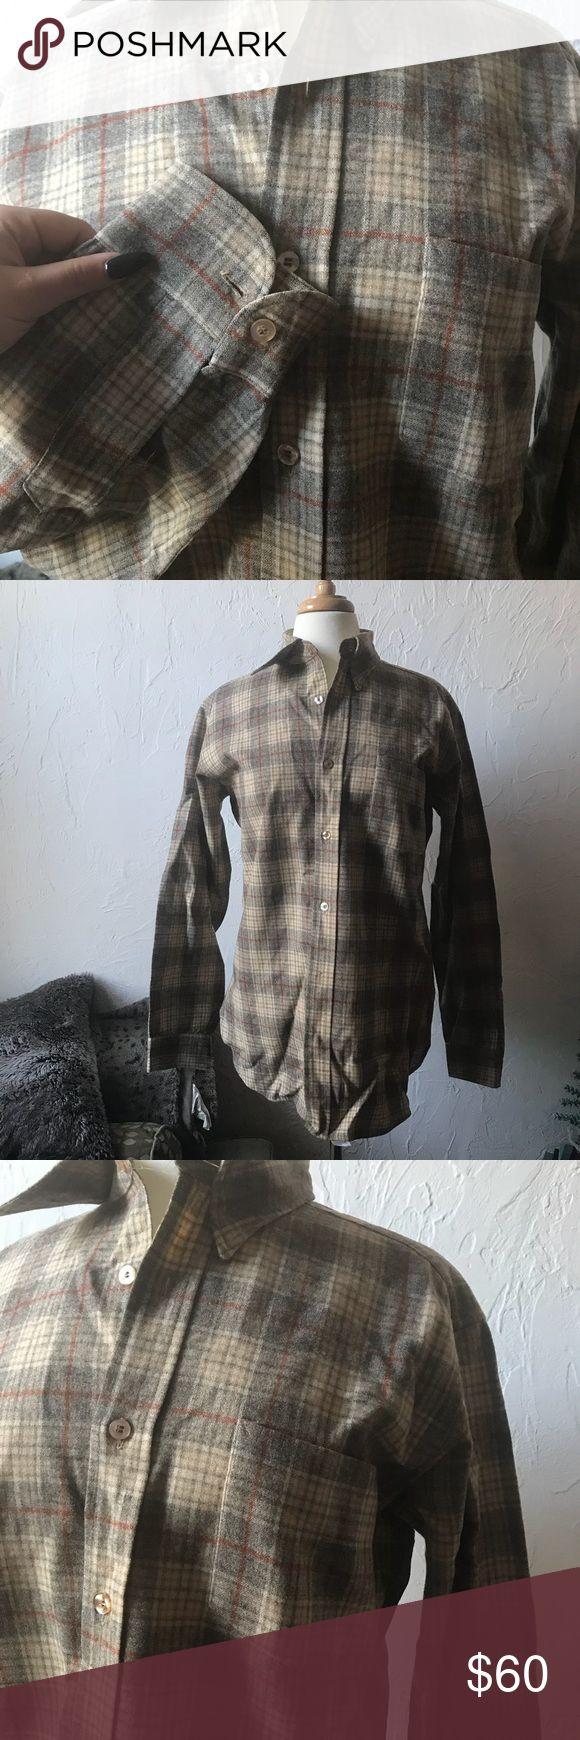 Vintage Pendleton Wool Plaid Shirt Awesome mint condition light colored vintage Pendleton wool plaid shirt Pendleton Shirts